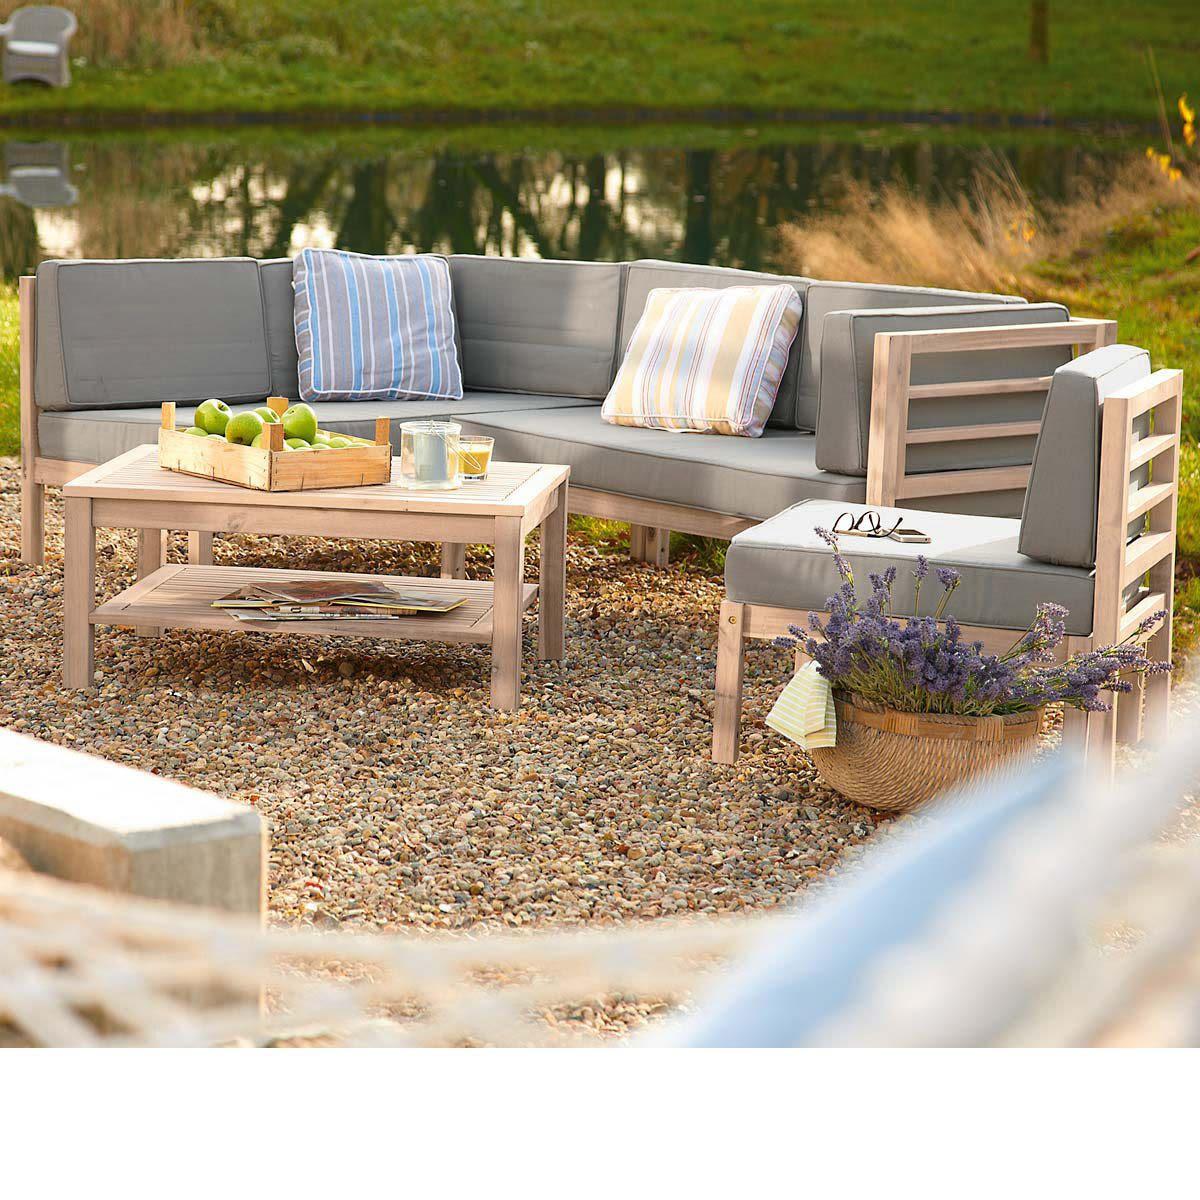 Gartenmöbel Set Holz Mit Auflagen | ambiznes.com